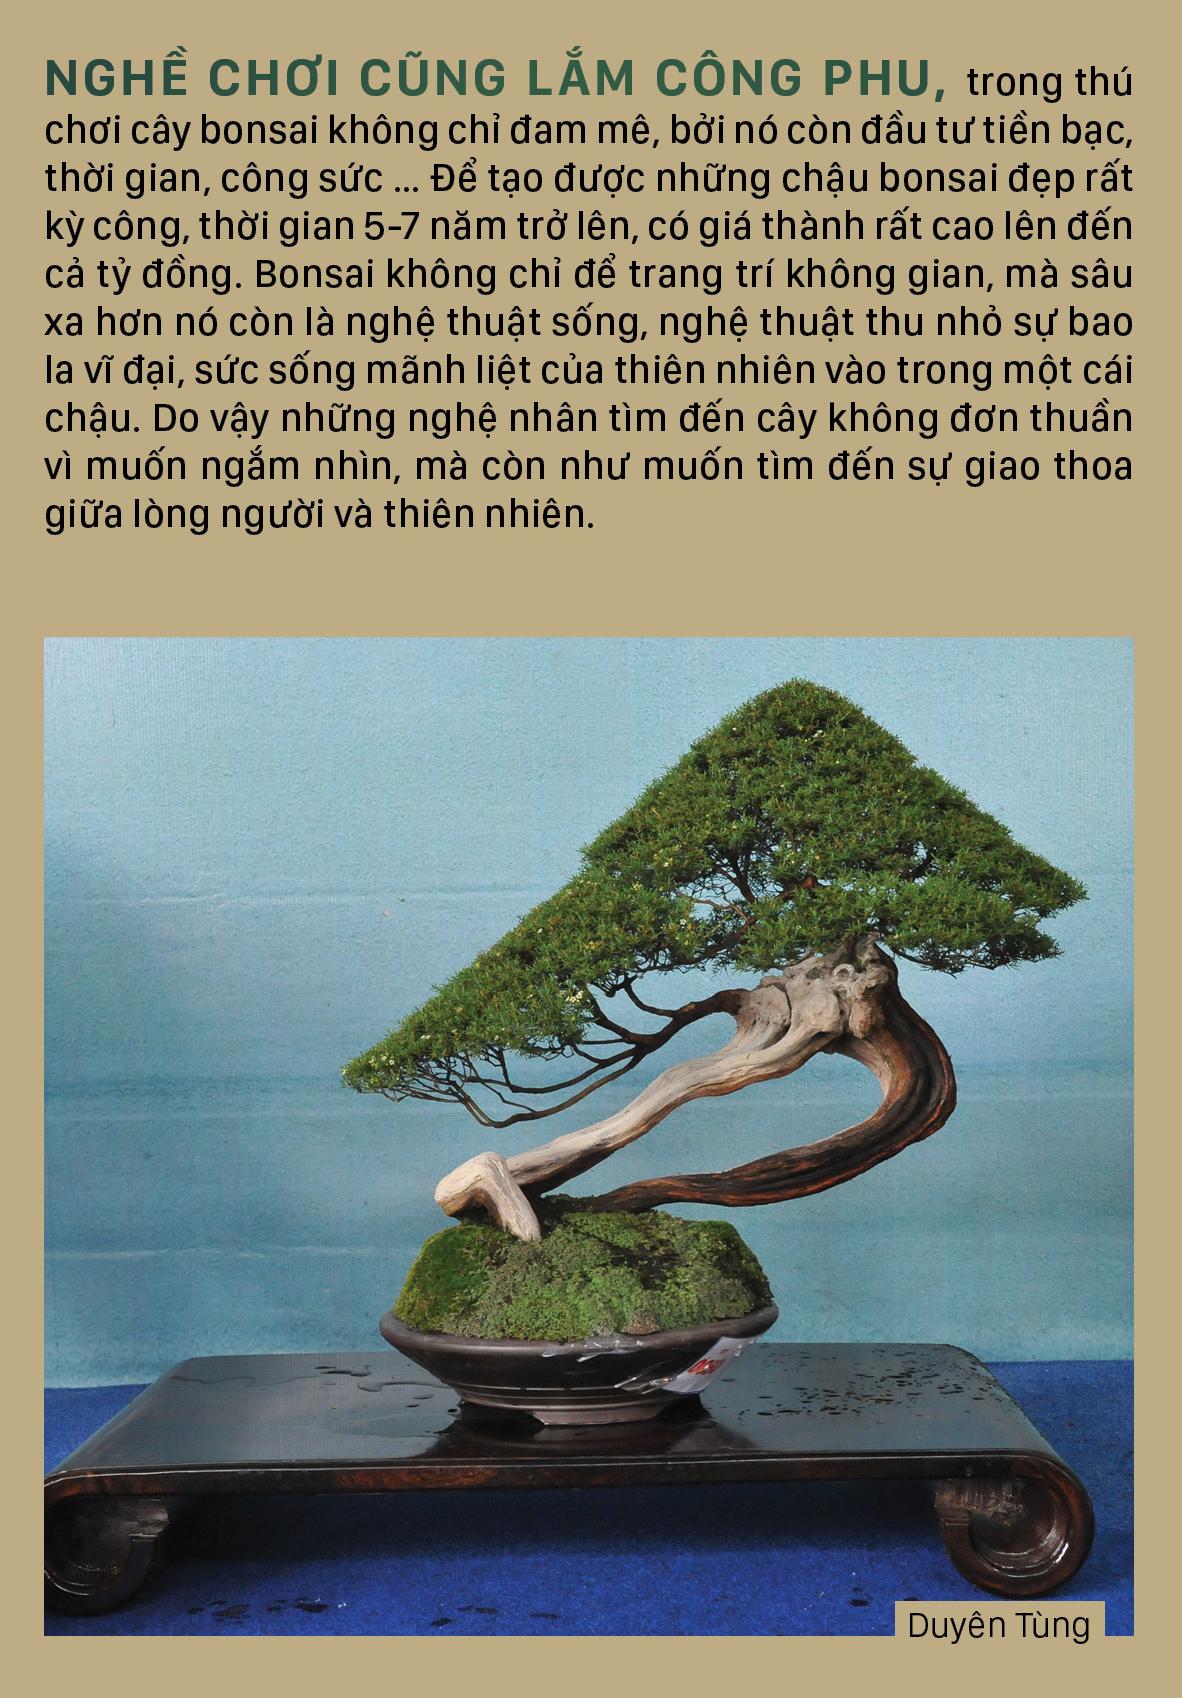 Nghệ thuật bonsai, thú chơi tao nhã ảnh 9